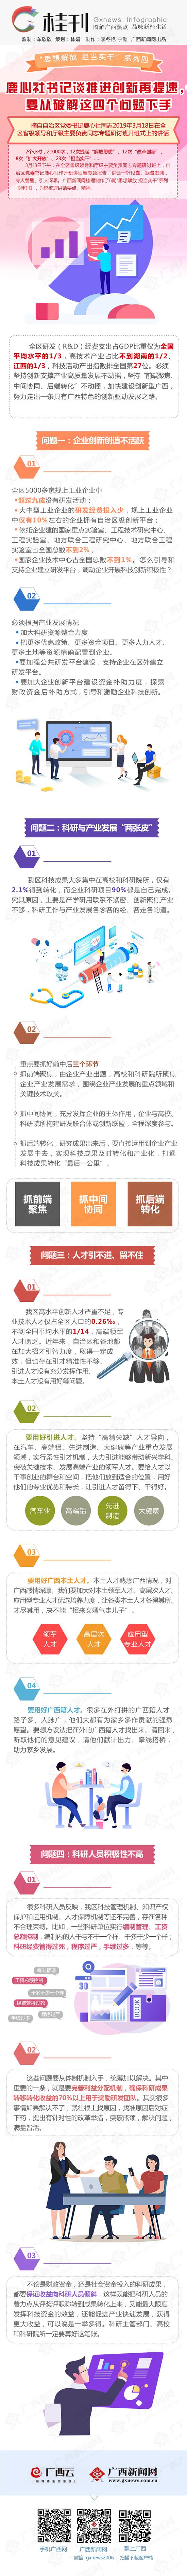 【桂刊】鹿心社书记谈推进创新再提速,要从破解这四个问题下手